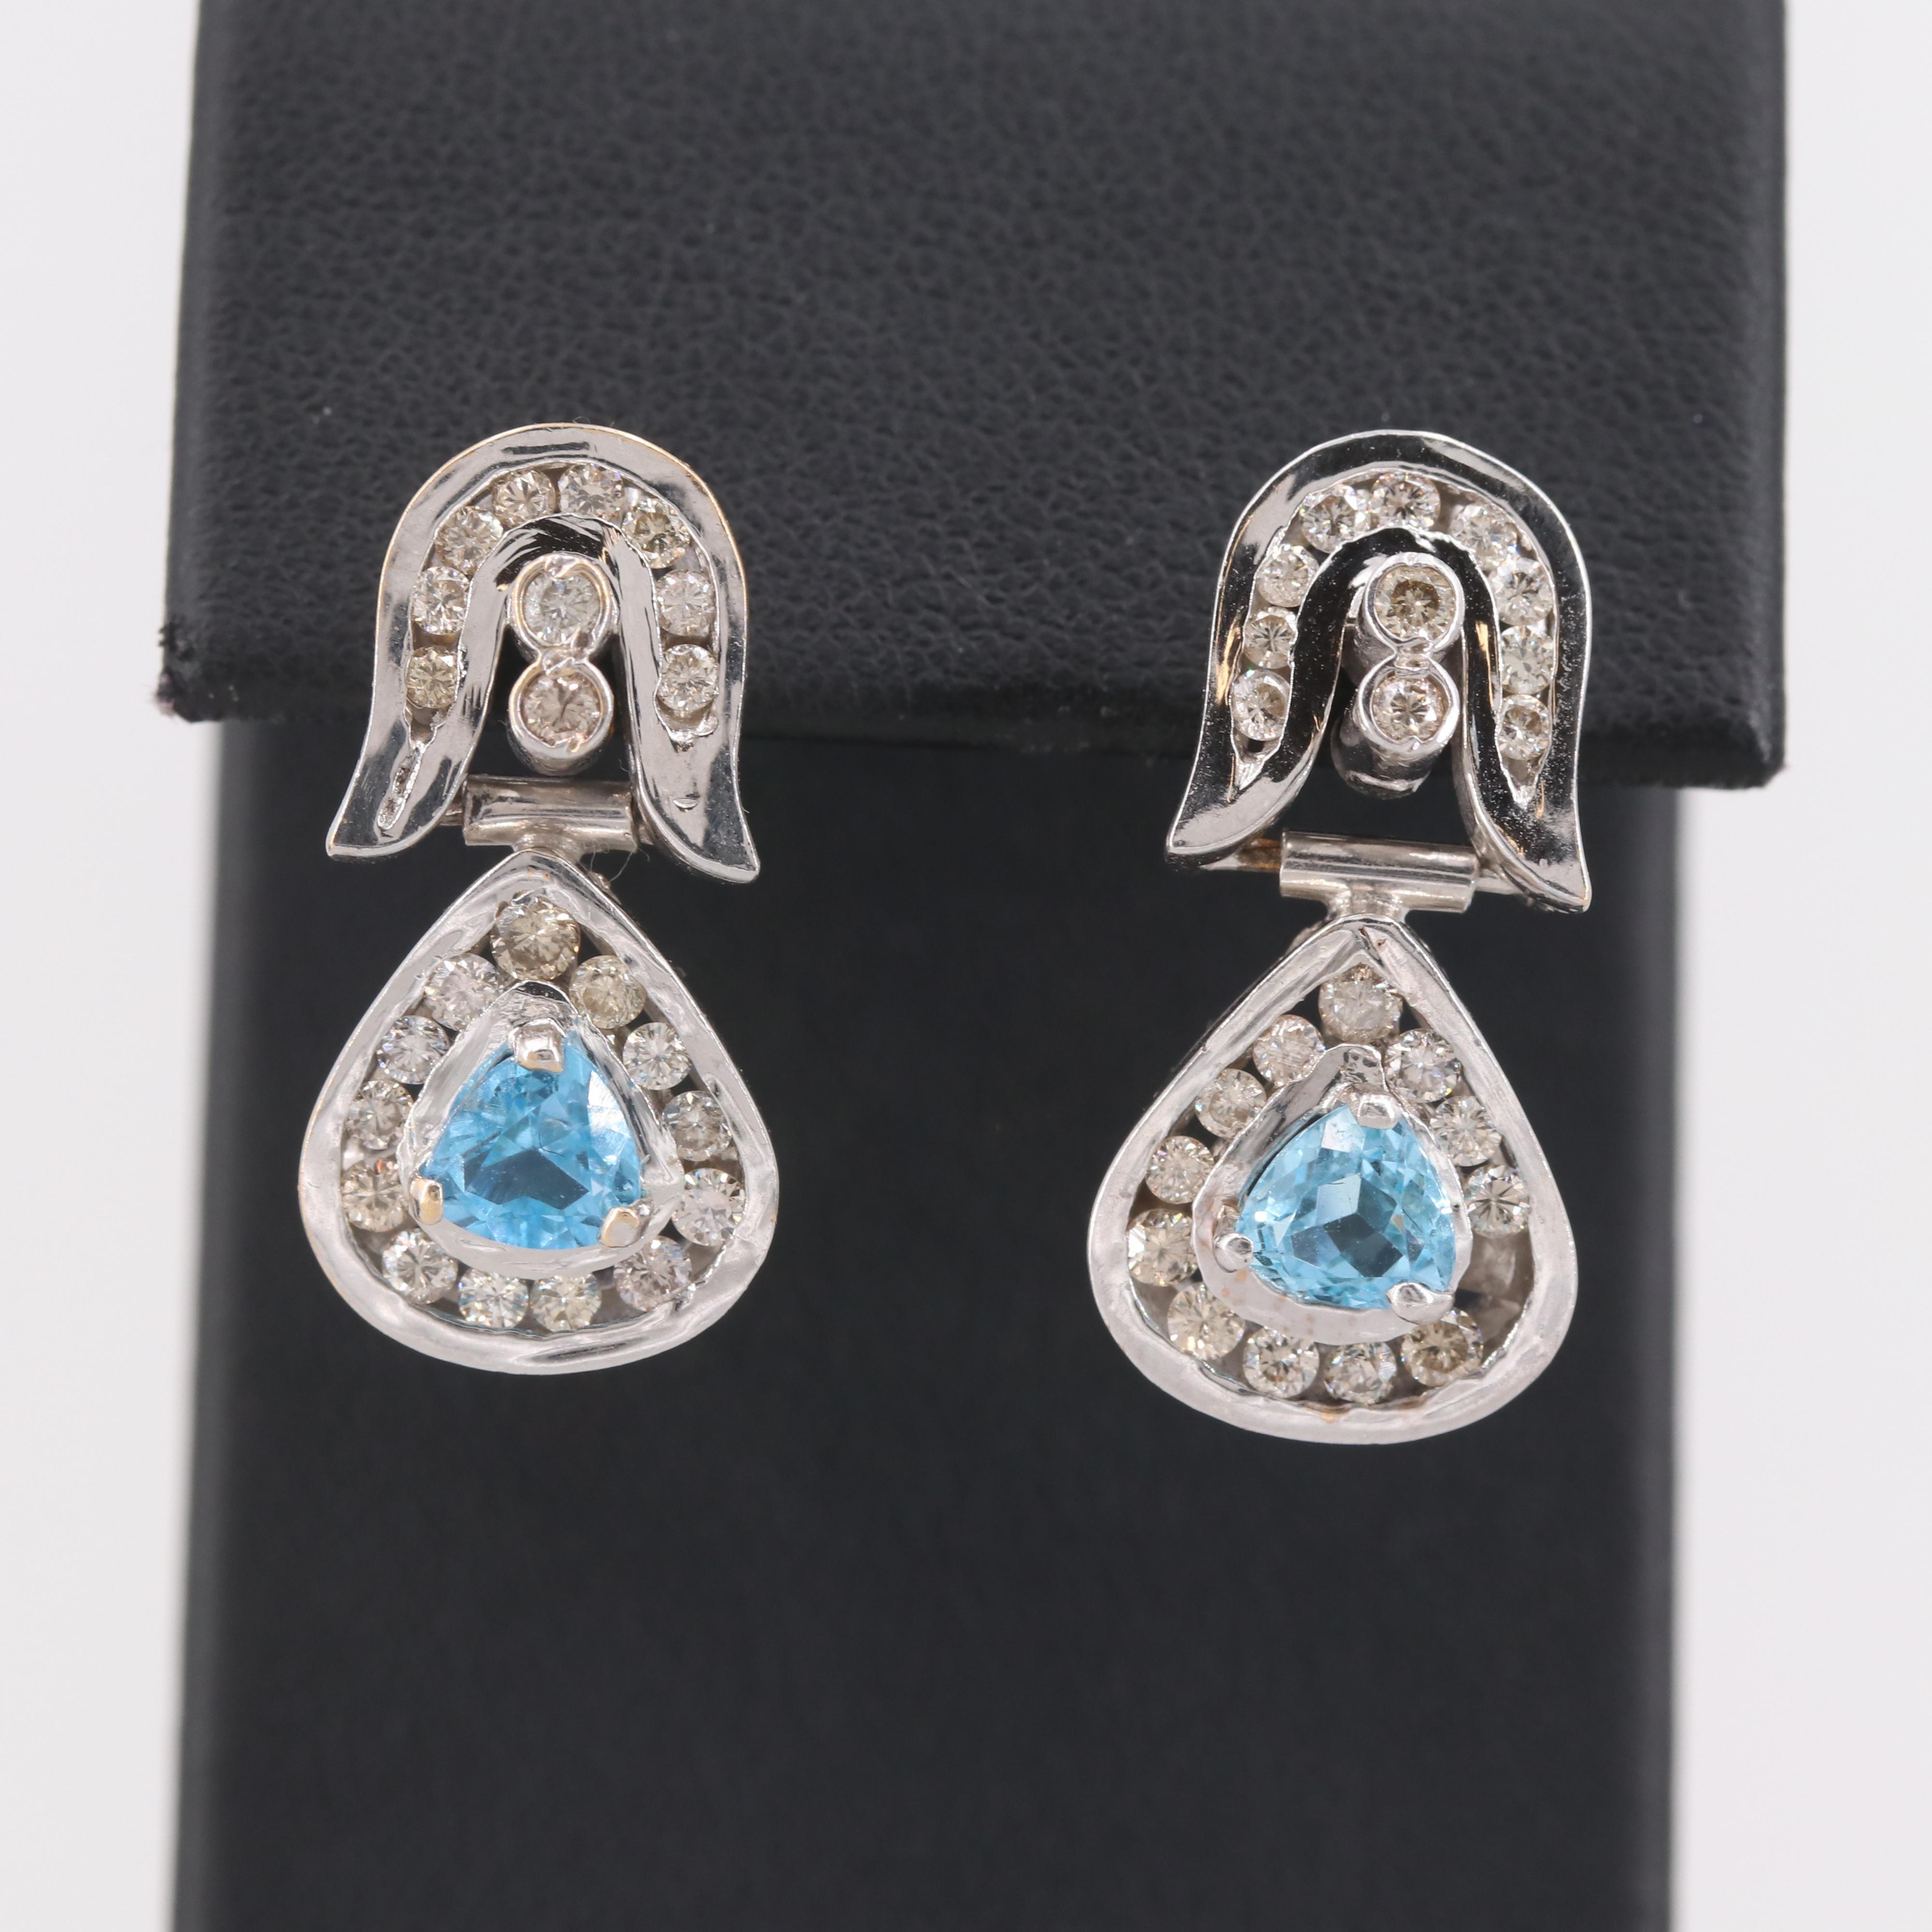 18K White Gold Topaz and 1.02 CTW Diamond Earrings